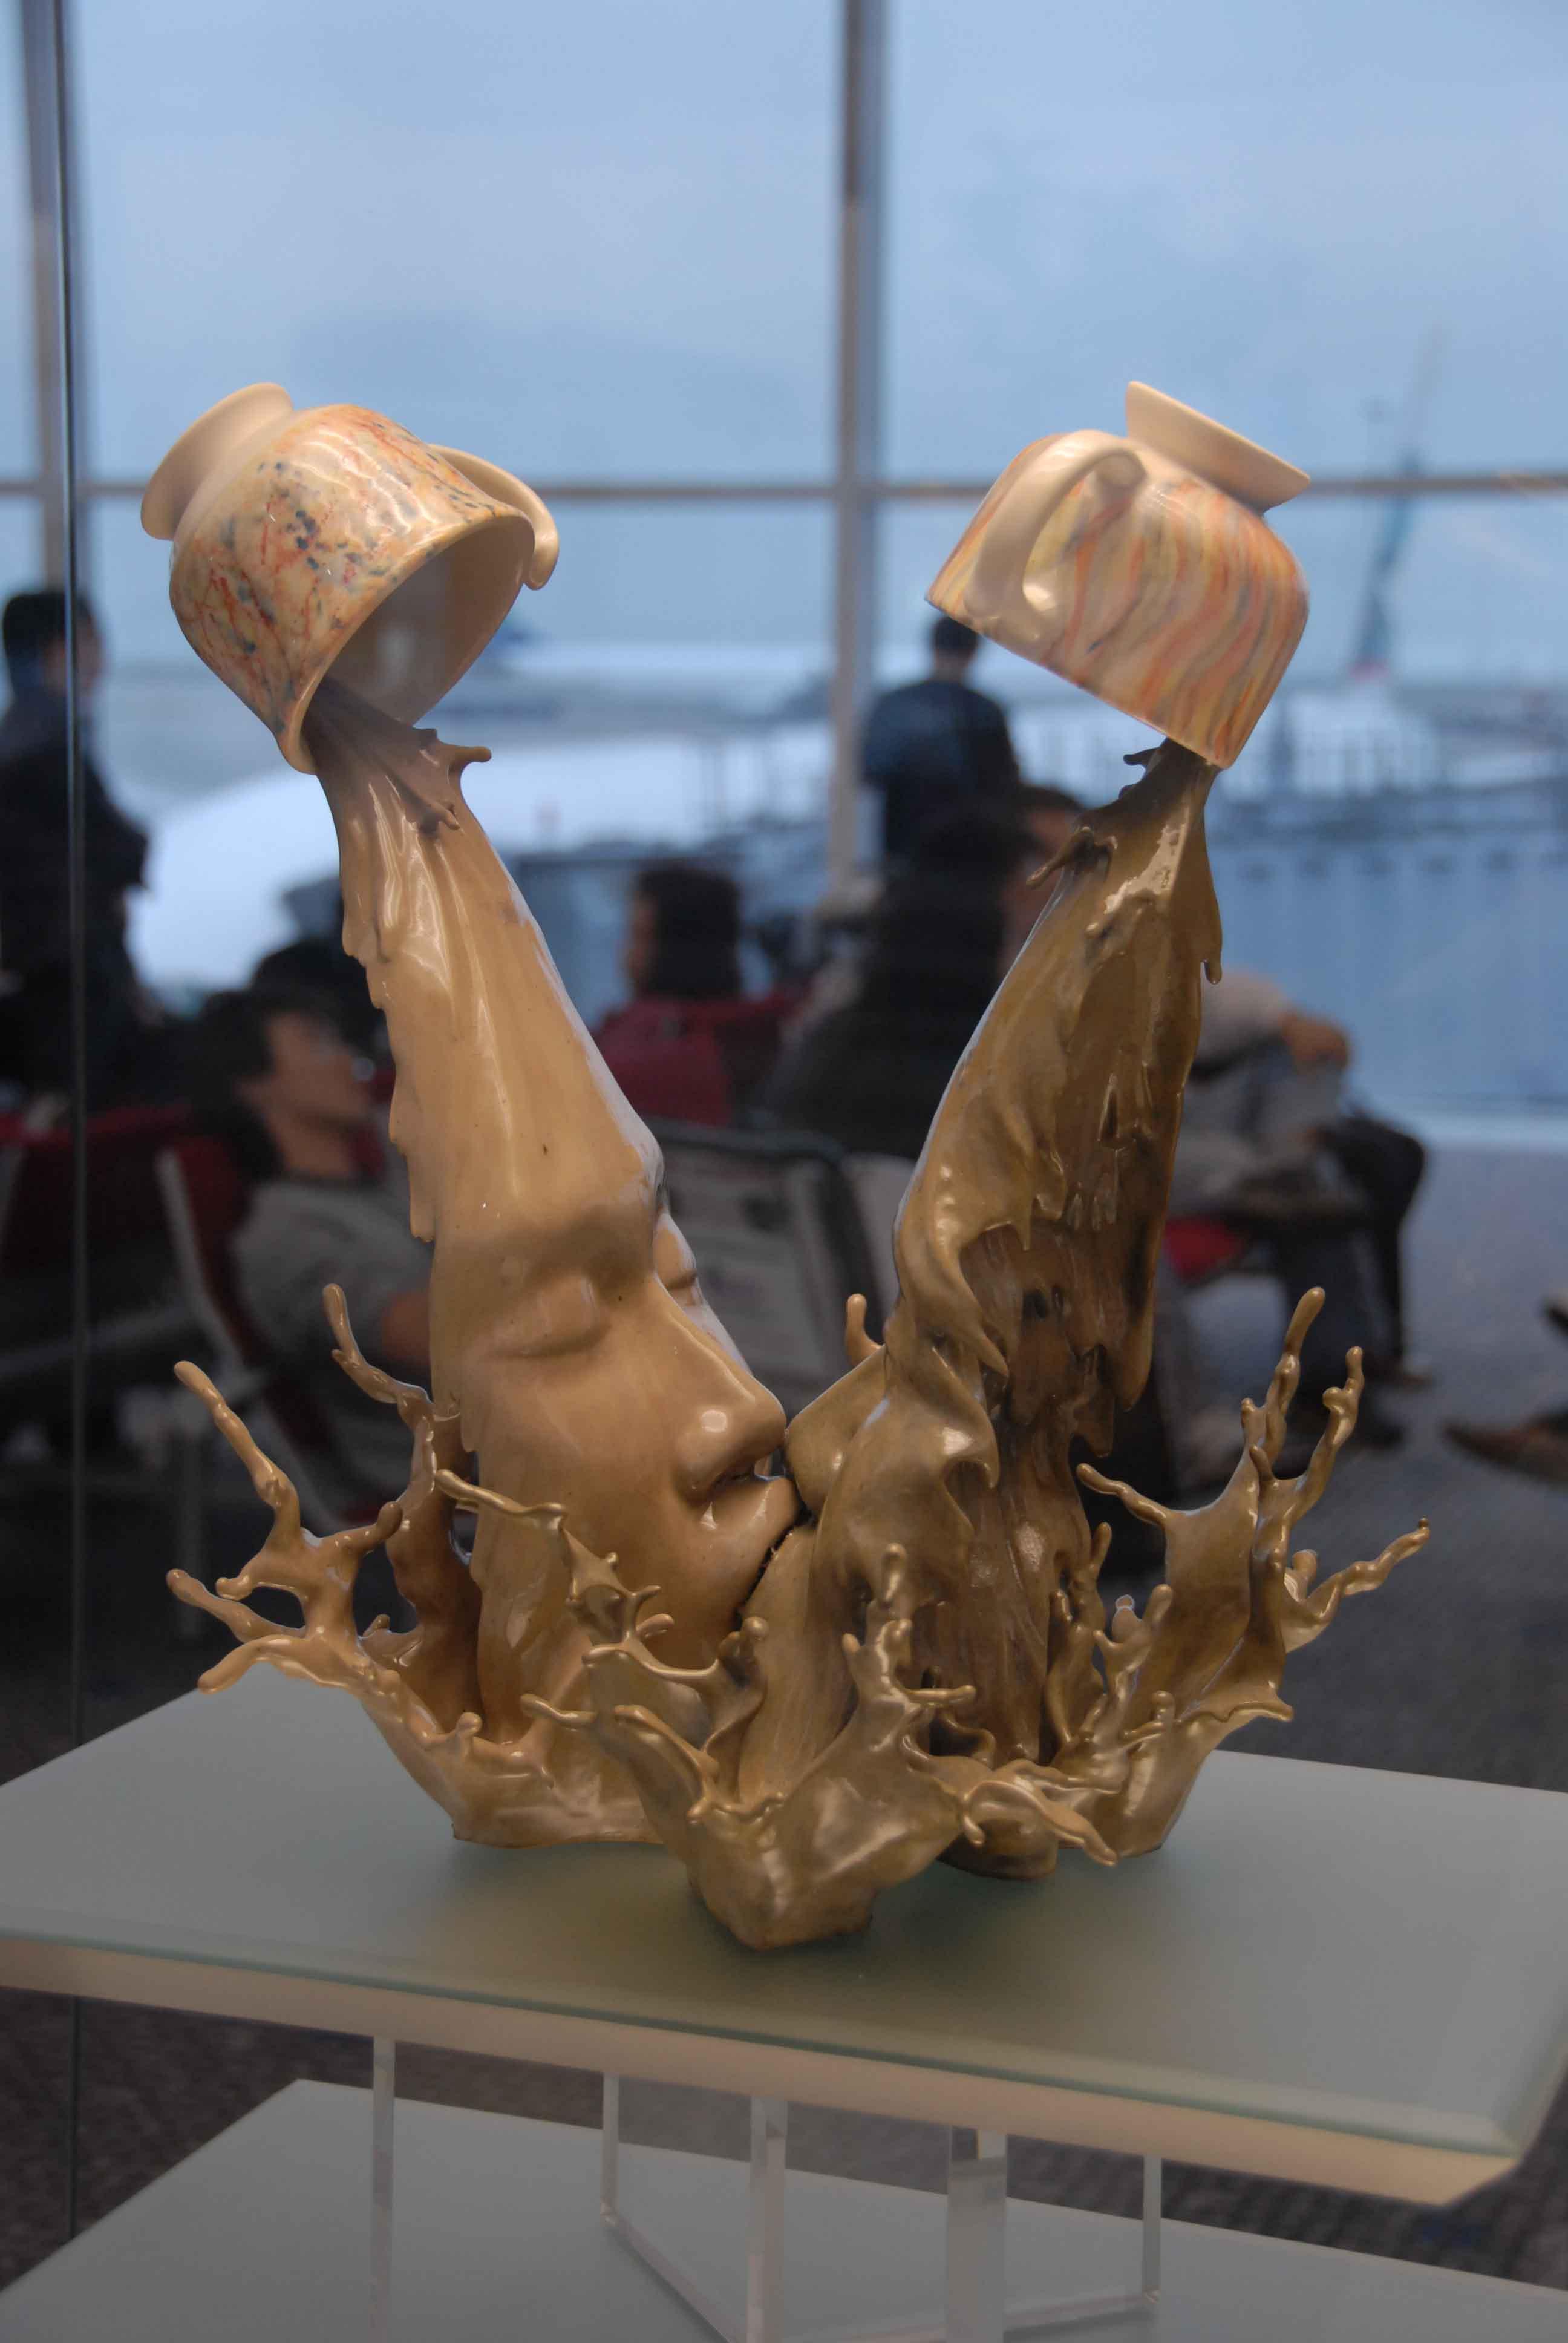 Сюрреалистические скульптуры, кофейный поцелуй - Джонсон Цанг